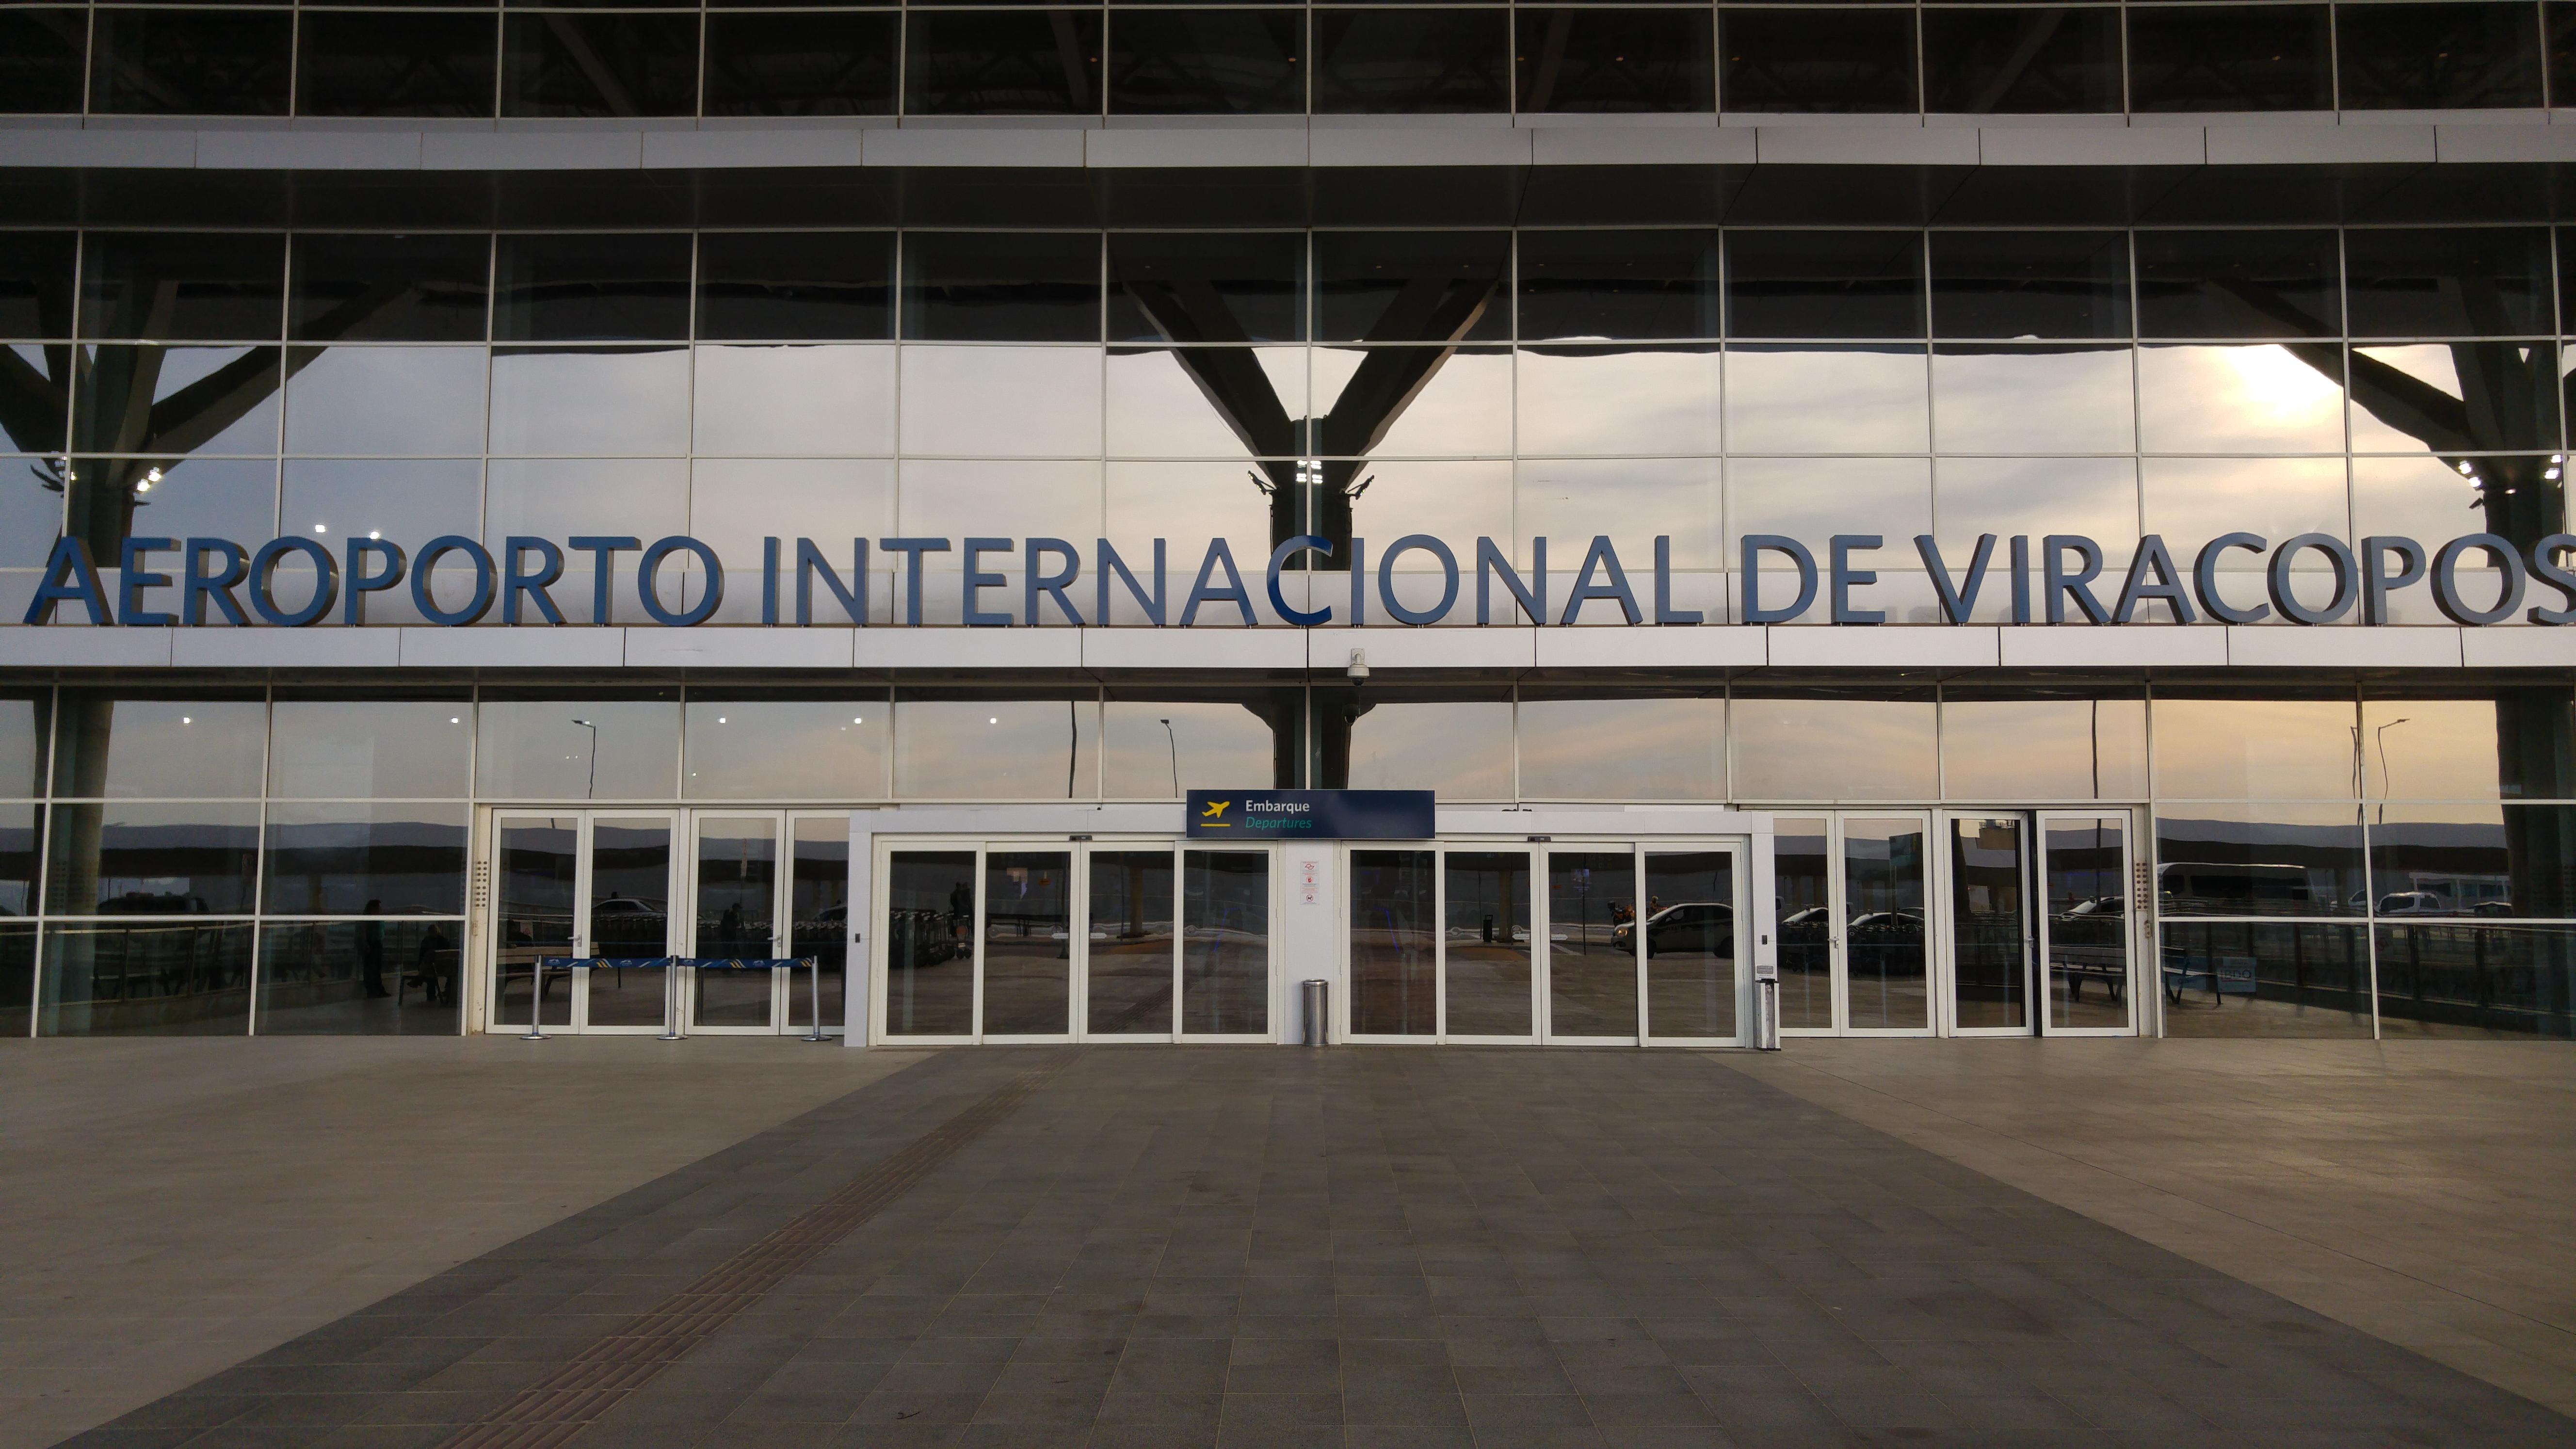 Viracopos terá até 130 voos diários em julho e medidas aprimoradas contra Covid-19